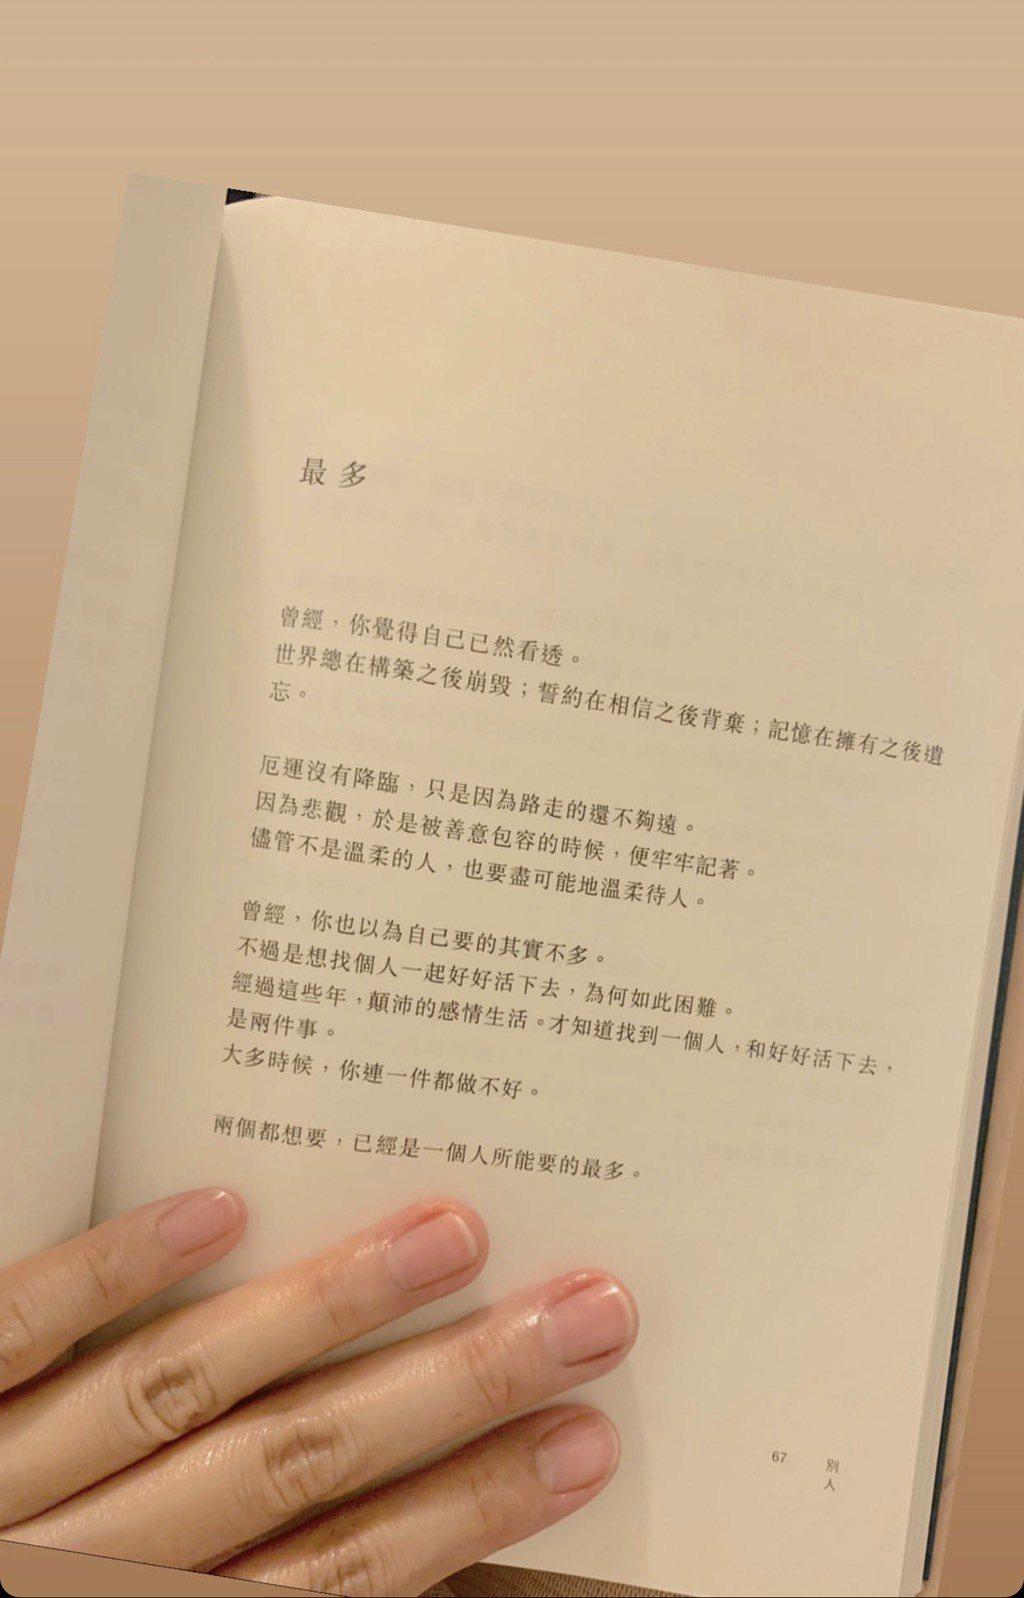 馬俊麟妻梁敏婷po出詩人任明信的文章。圖/摘自IG